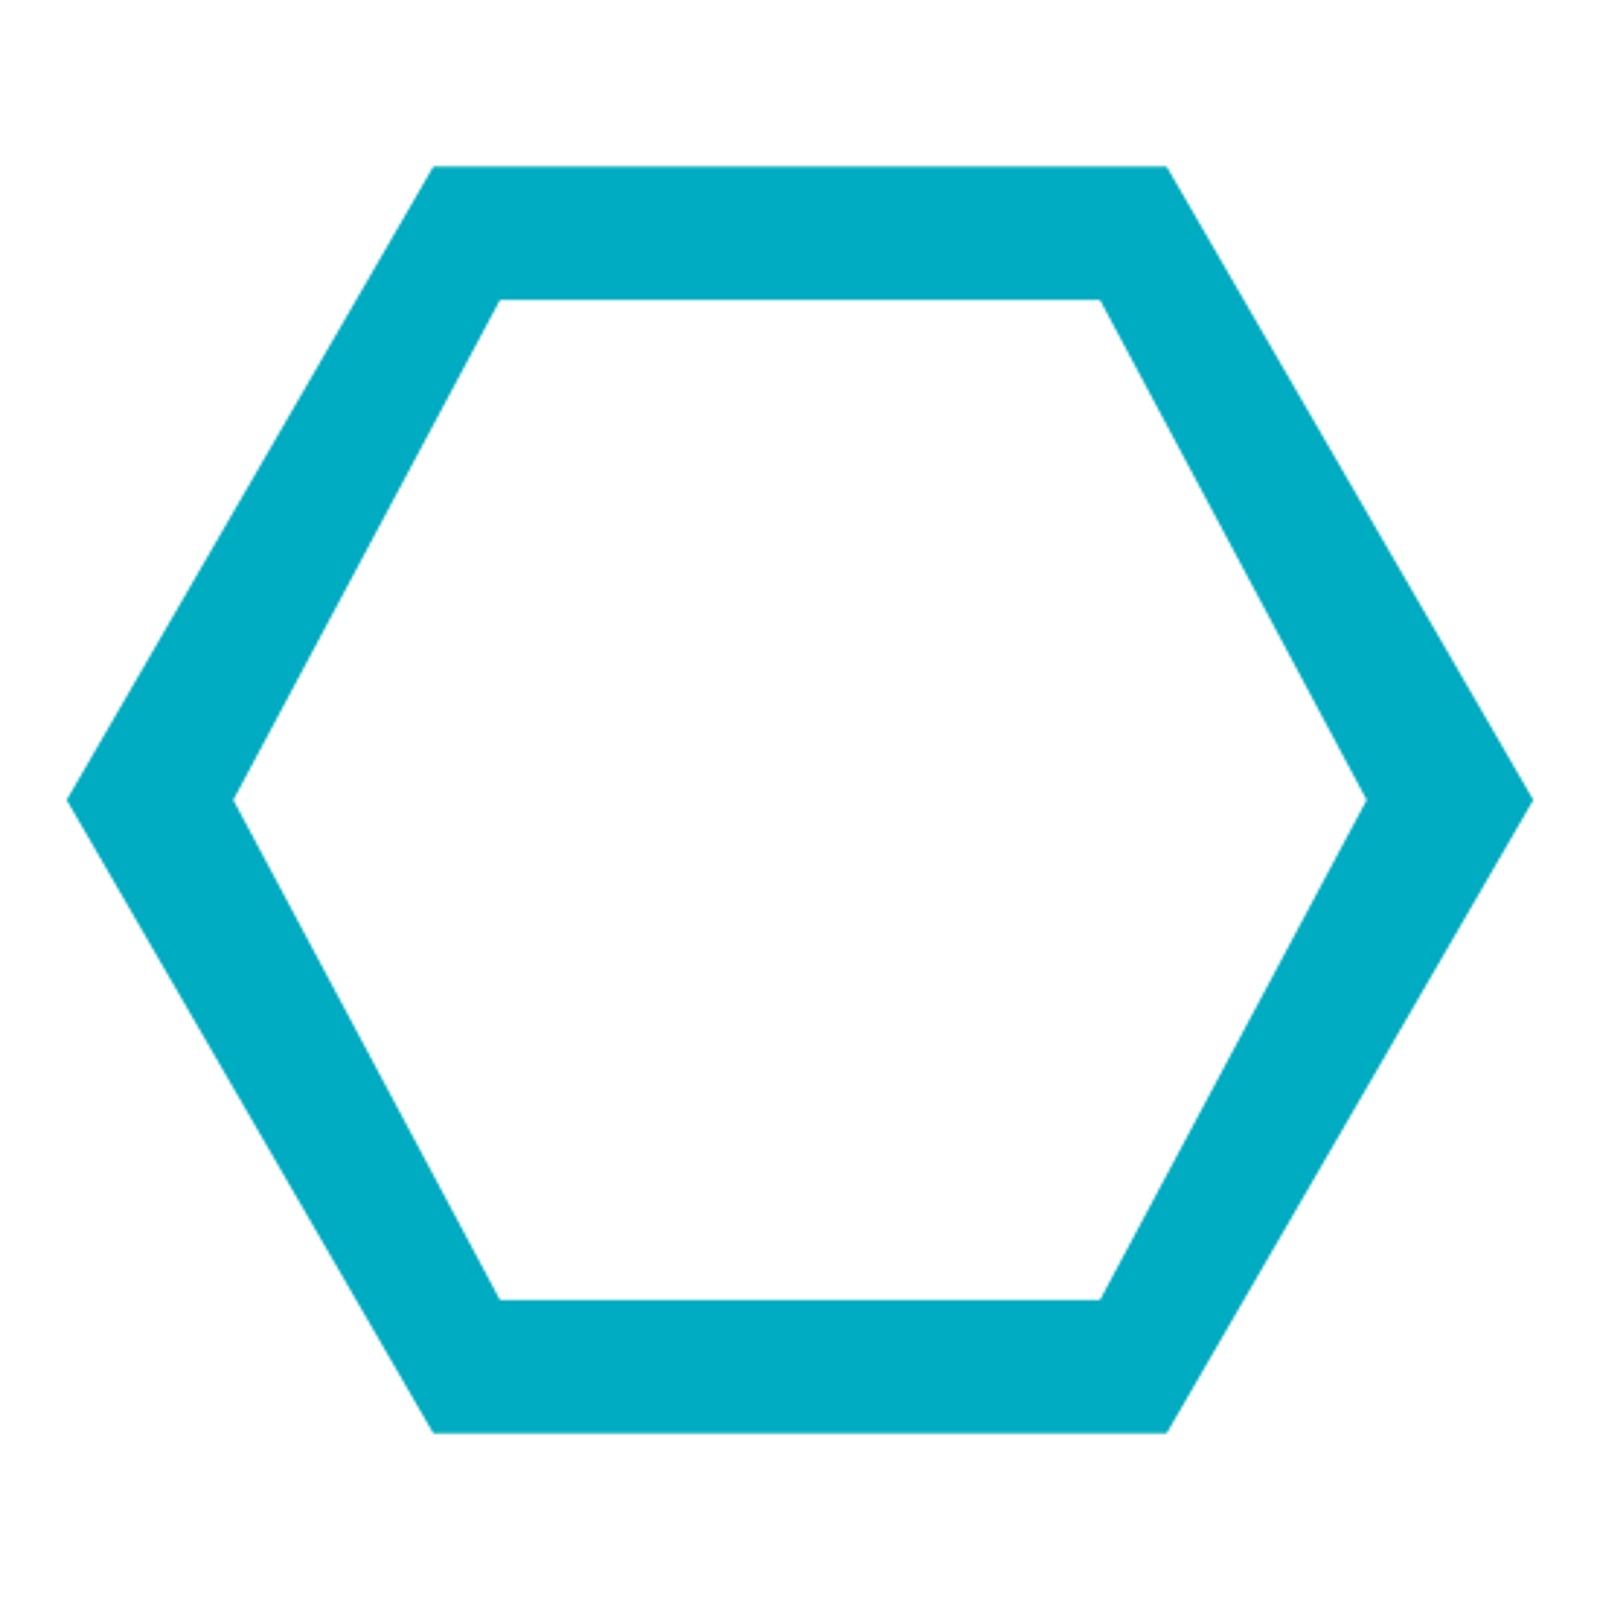 六角形 icon. It is a hexagon with six straight lines that meet to form a shape with six sides. On each point of the hexagon there are dots on top of the corner. There are six corners on the outside, so there are six dots on each corner. The center of the hexagon is empty.